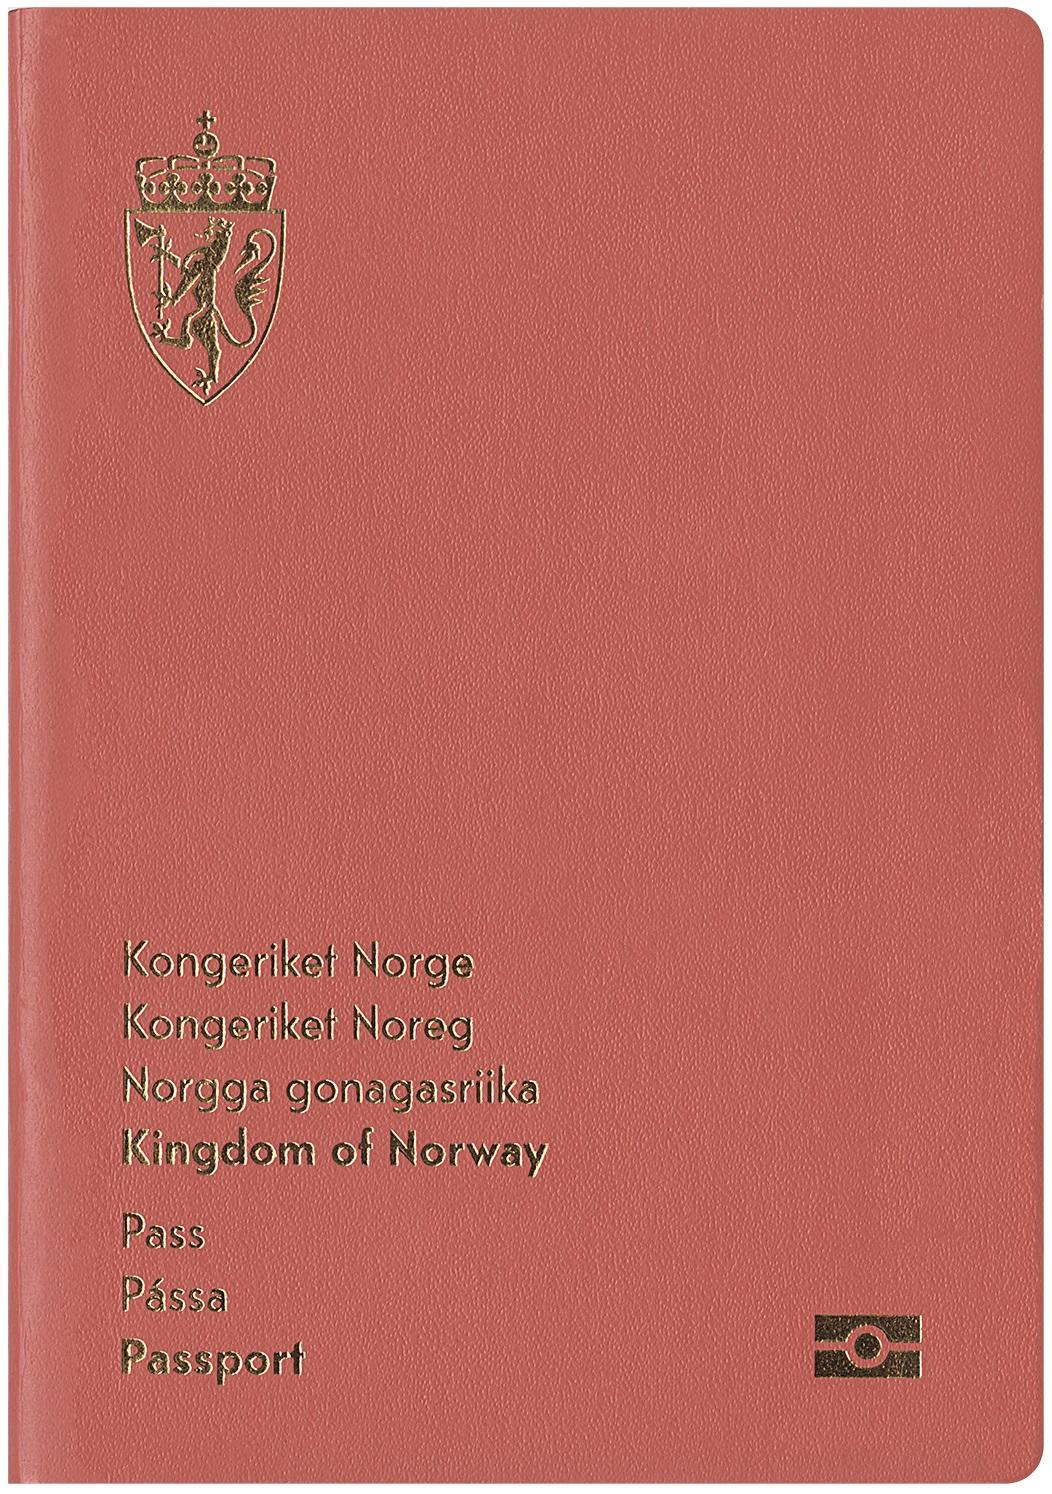 Norwegian Passport Wikipedia